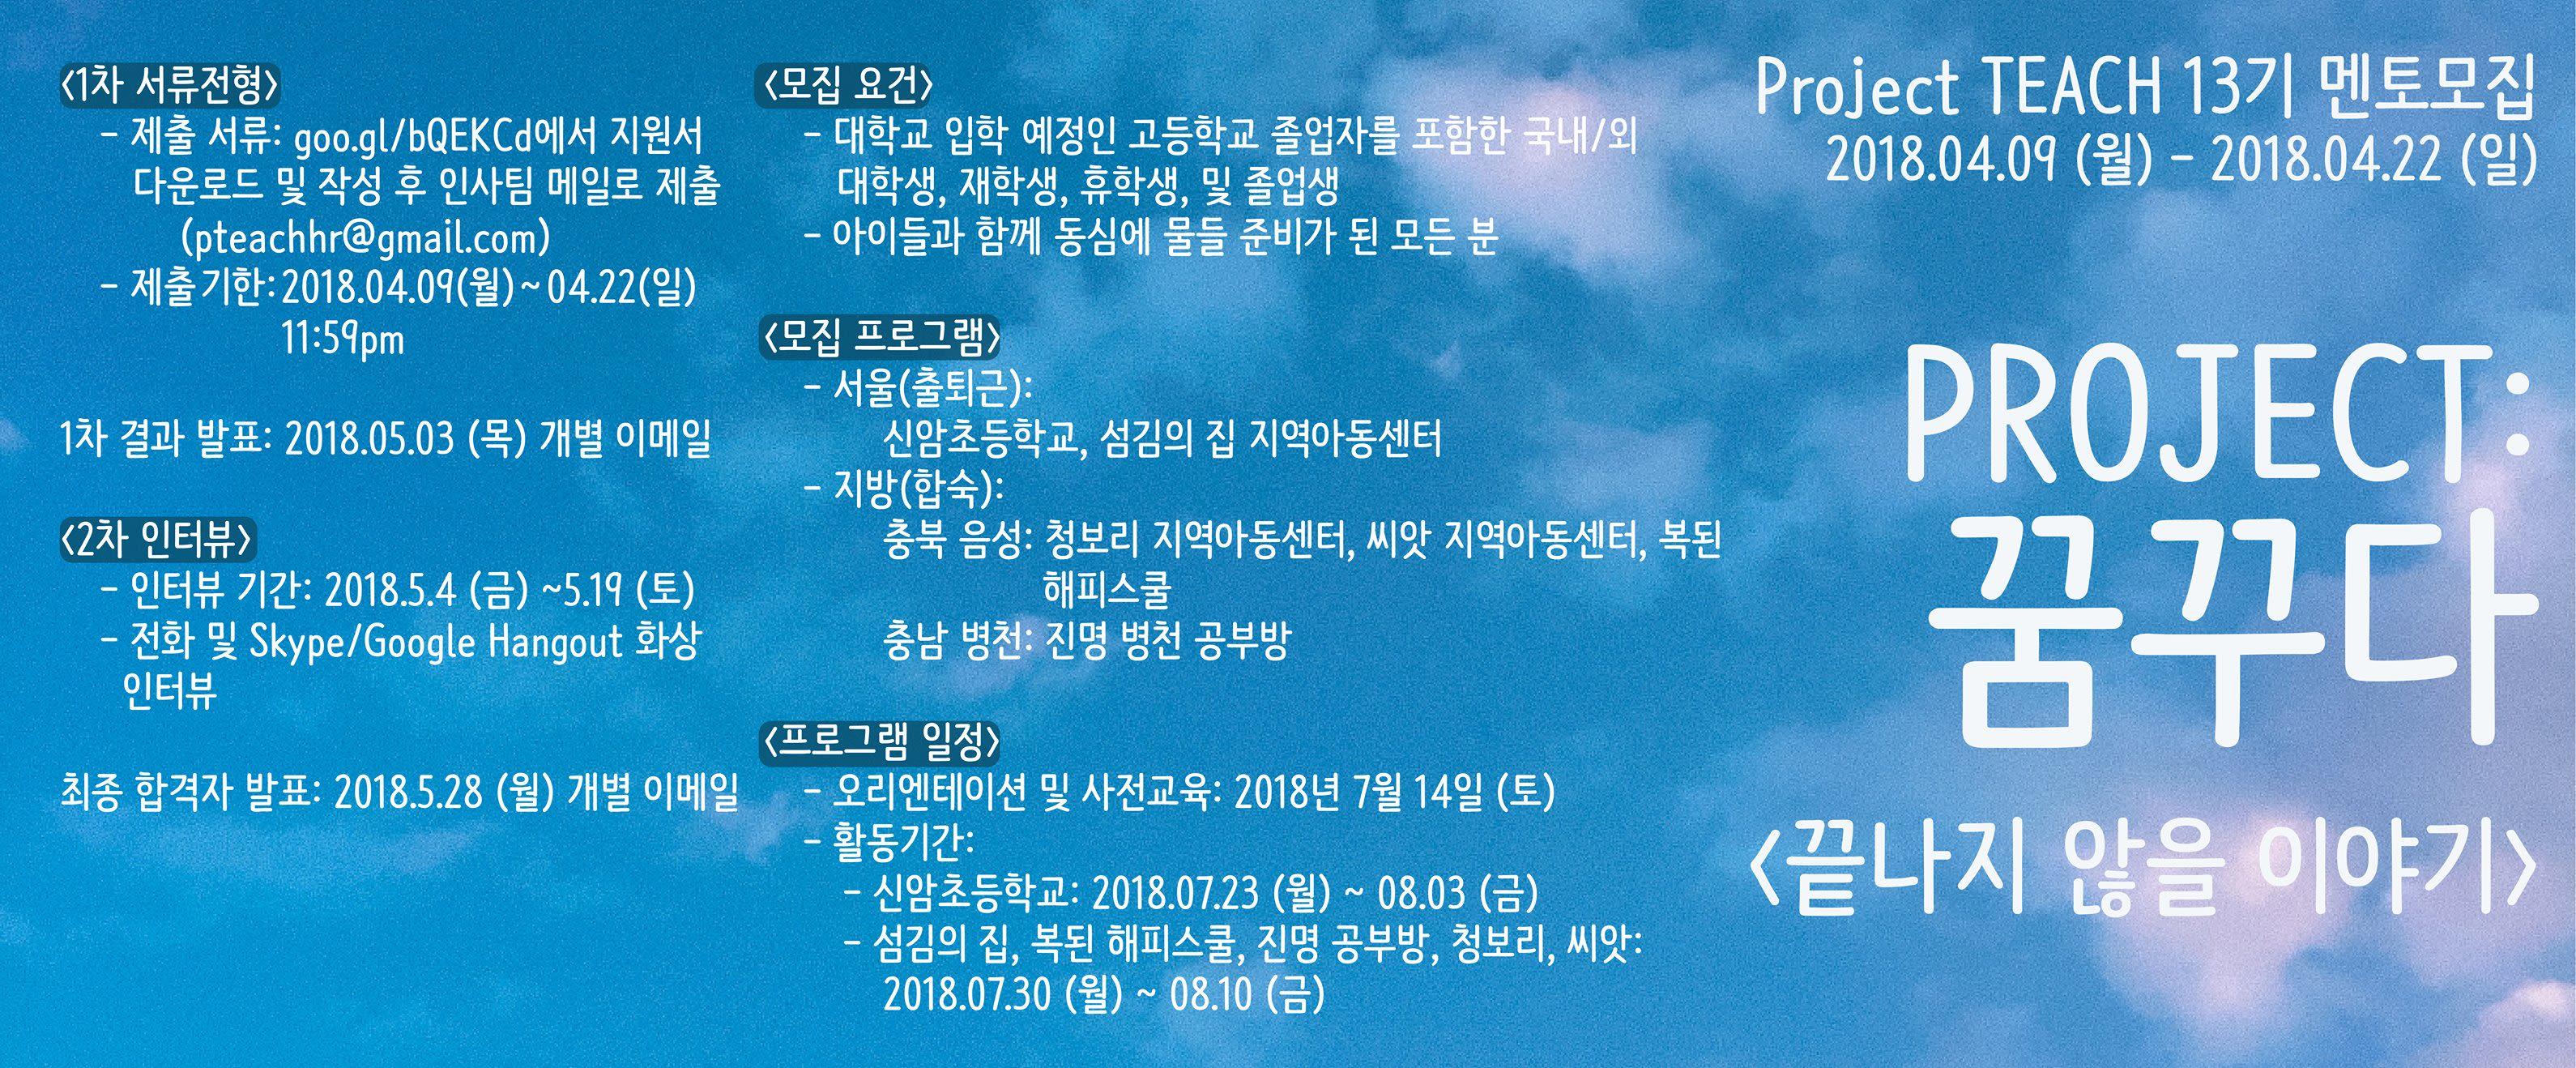 [프로젝트 티치] 비영리교육봉사단체 Project TEACH  13기 멘토 모집